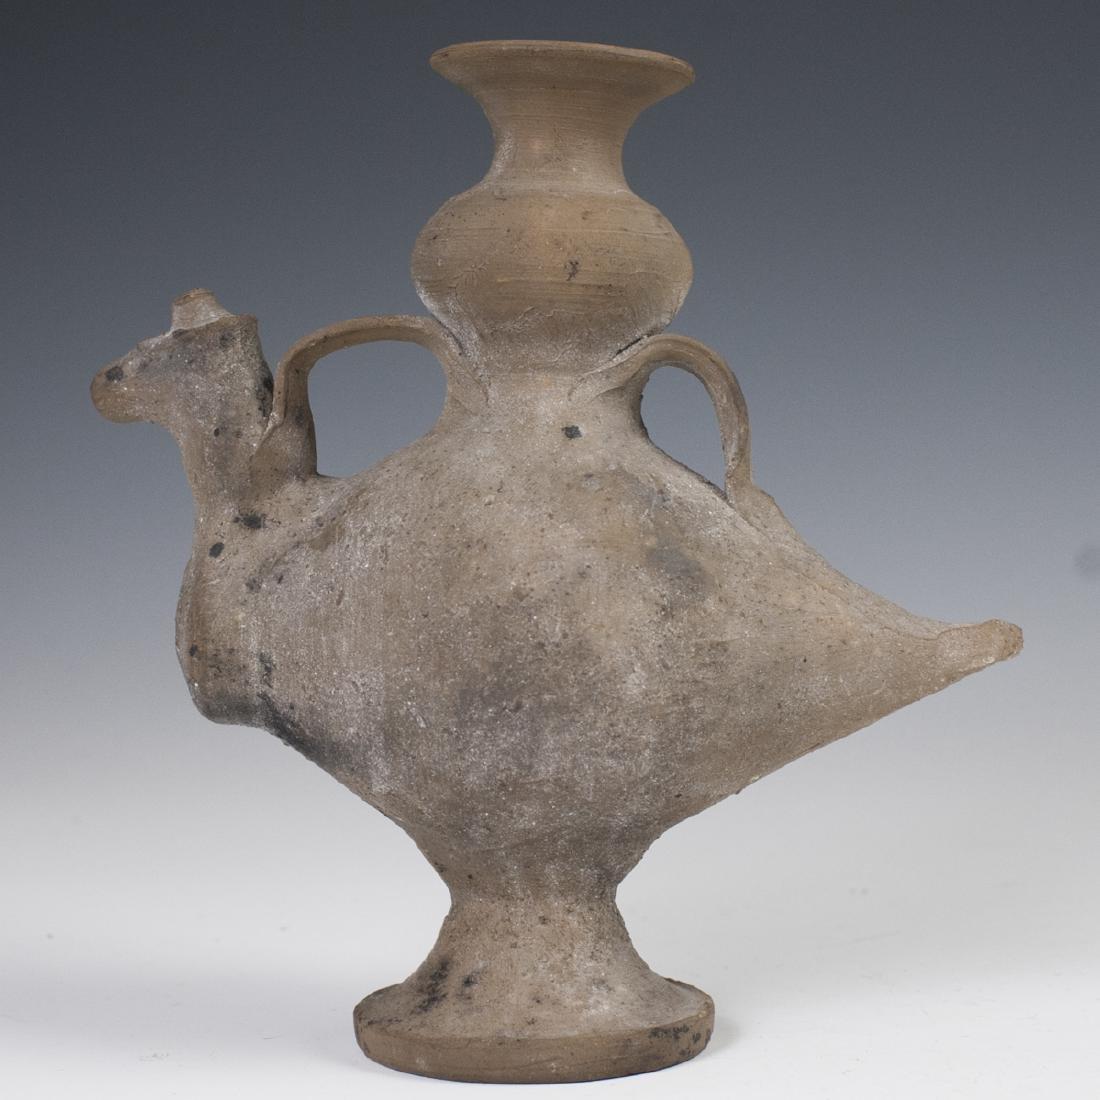 Antique Pottery Vessel